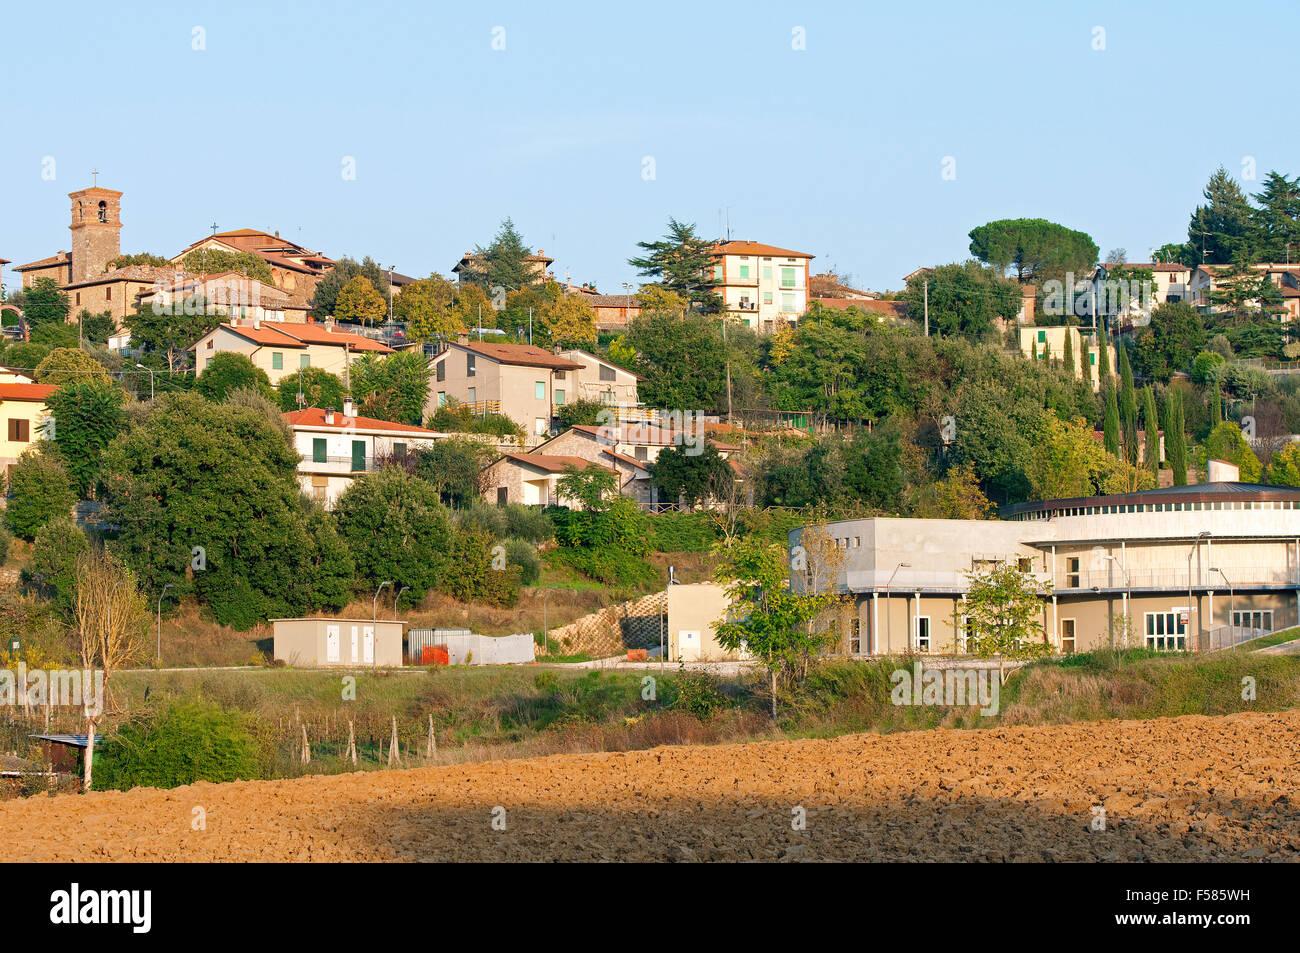 Pietrafitta, pequeño pueblo medieval, en el derecho el Museo Paleontológico Luigi Boldrini, Umbría. Imagen De Stock